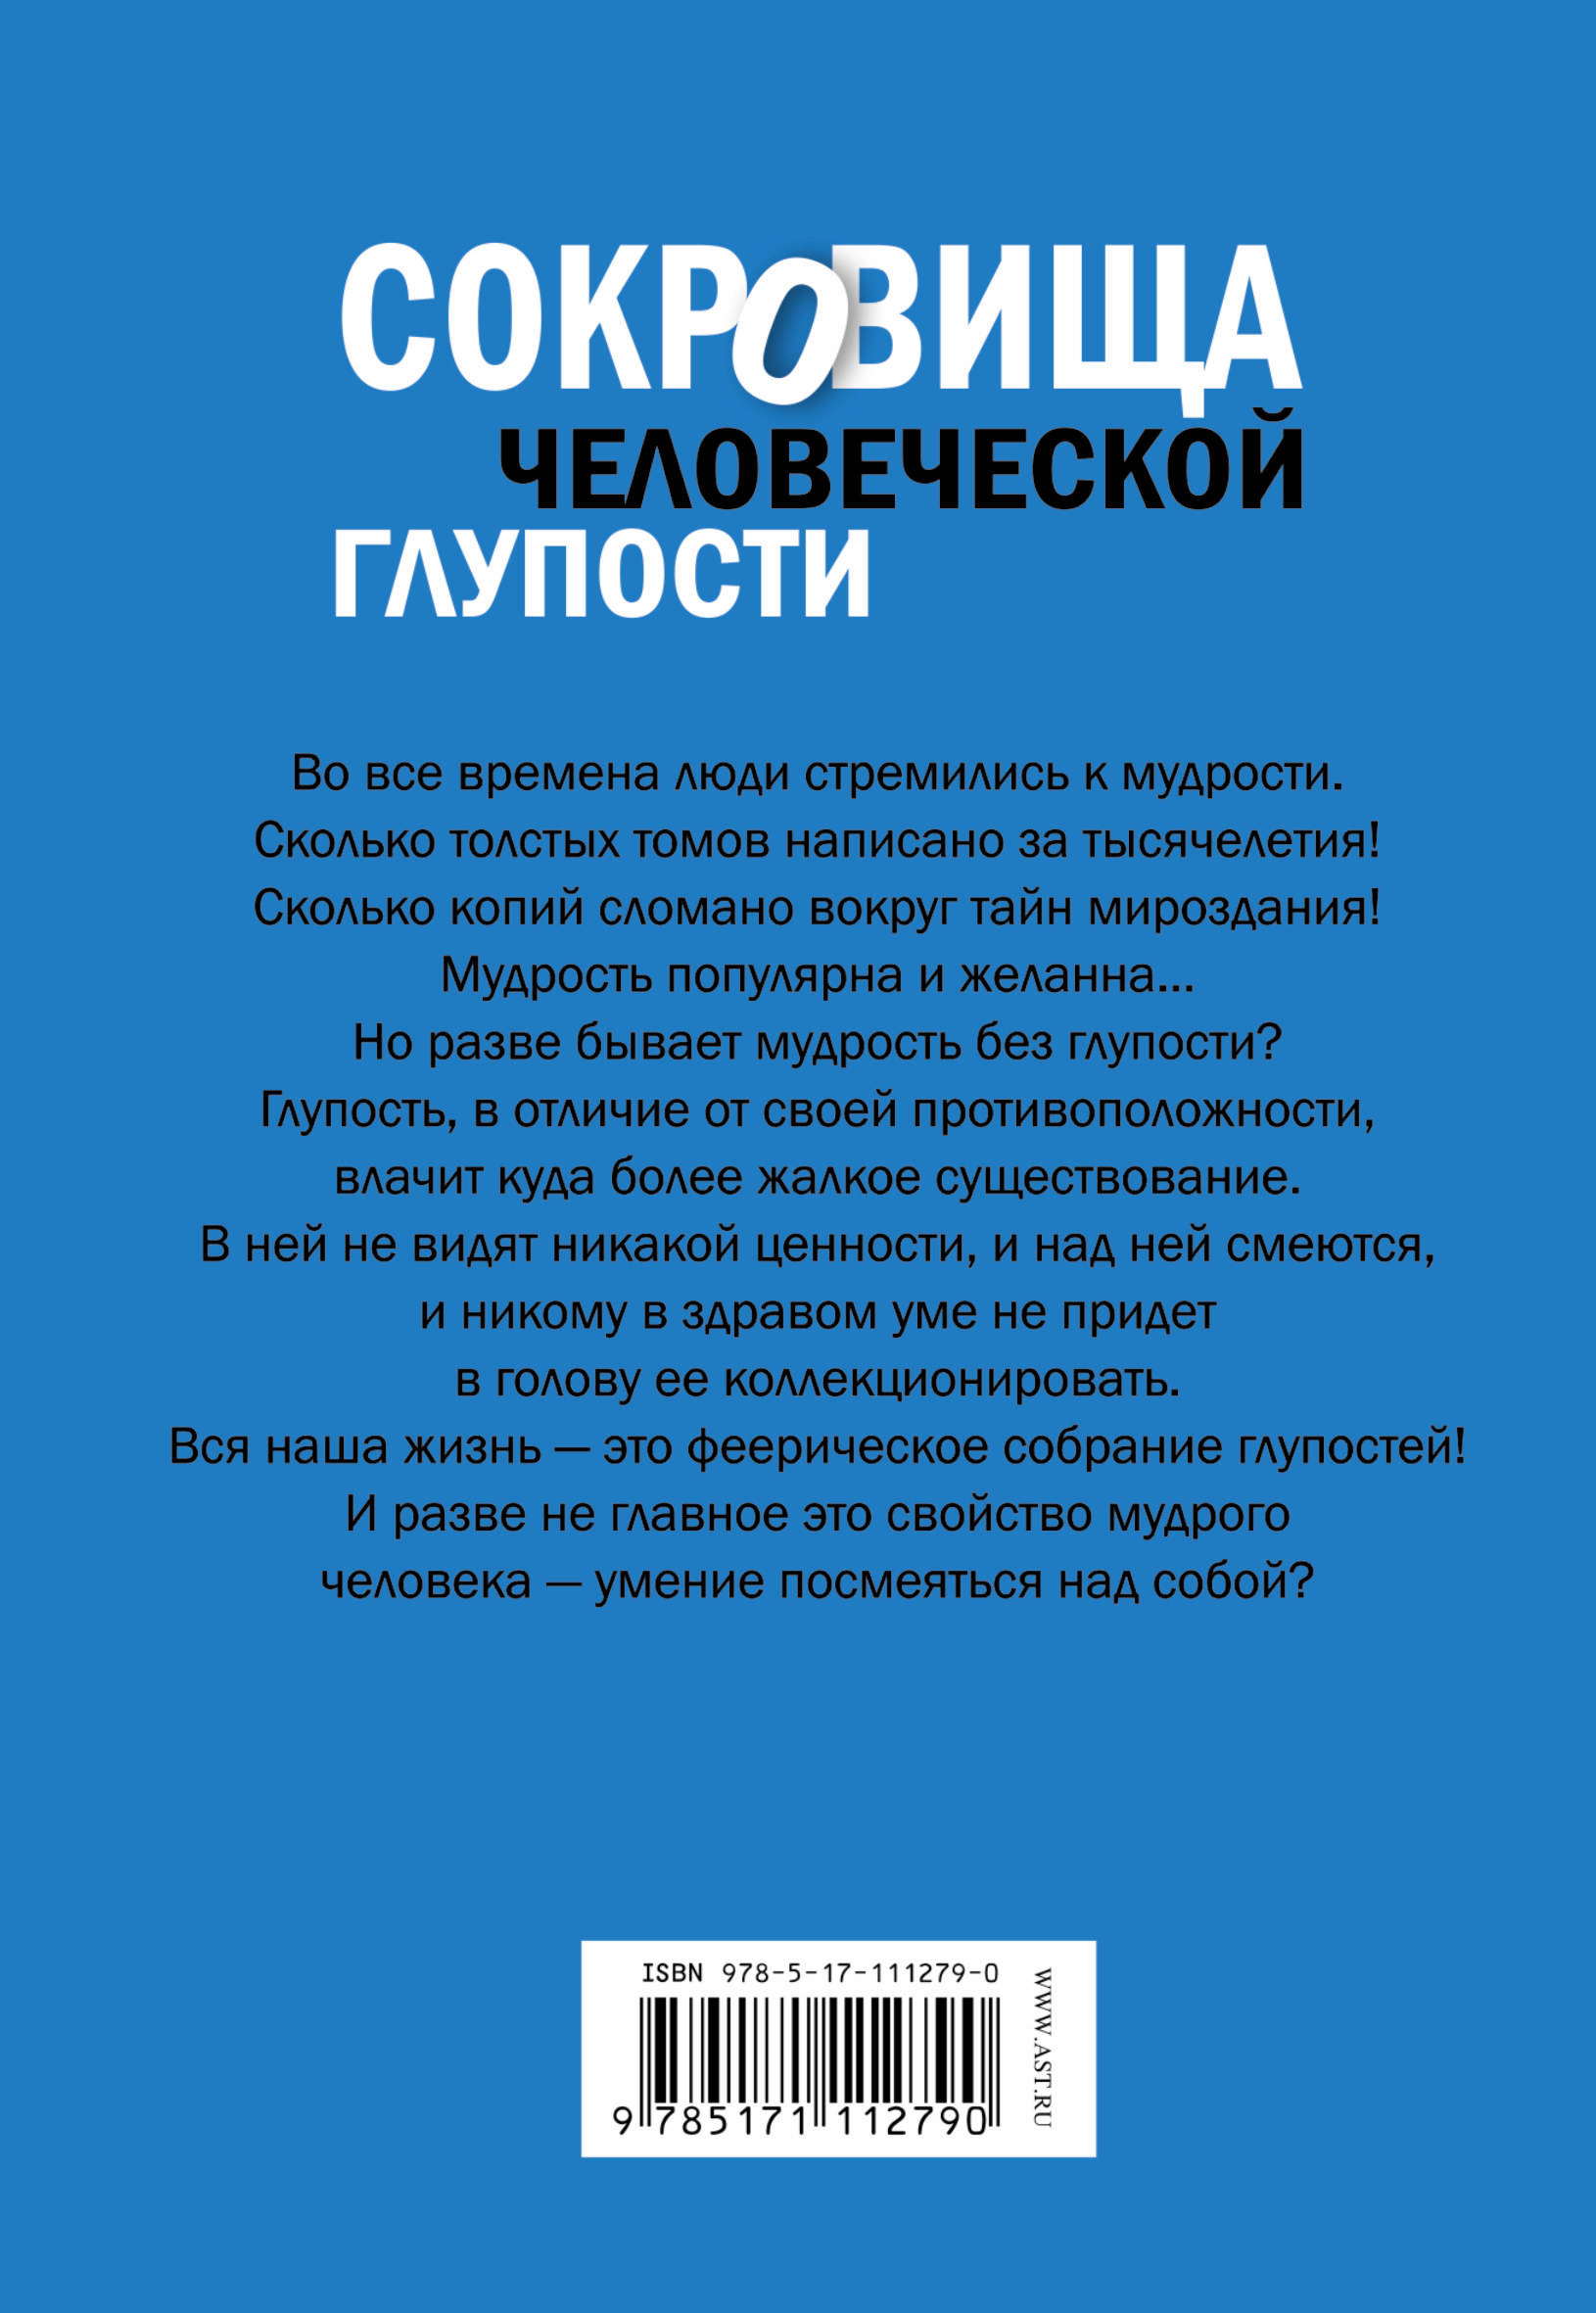 Юлия Бекичева. Сокровища человеческой глупости